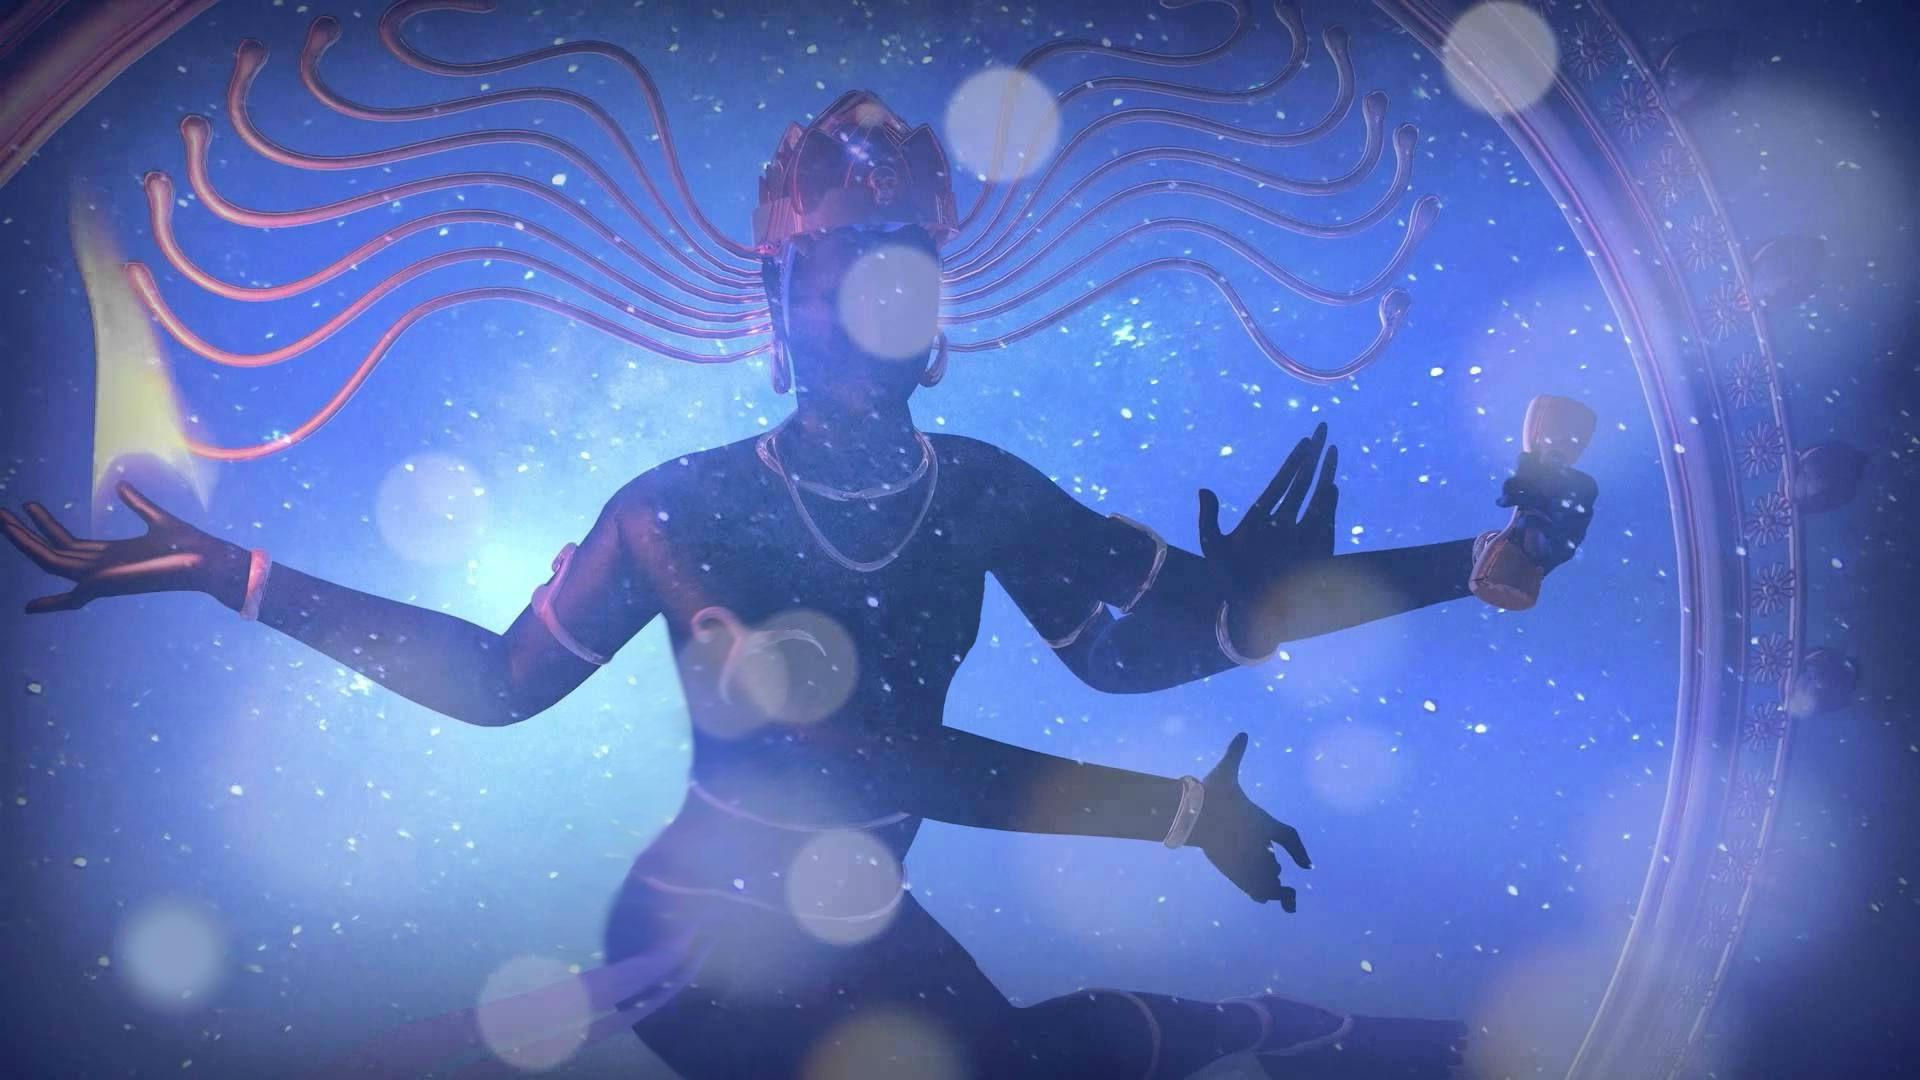 Бог Шива даёт мне Наставления о Структуре Вселенной